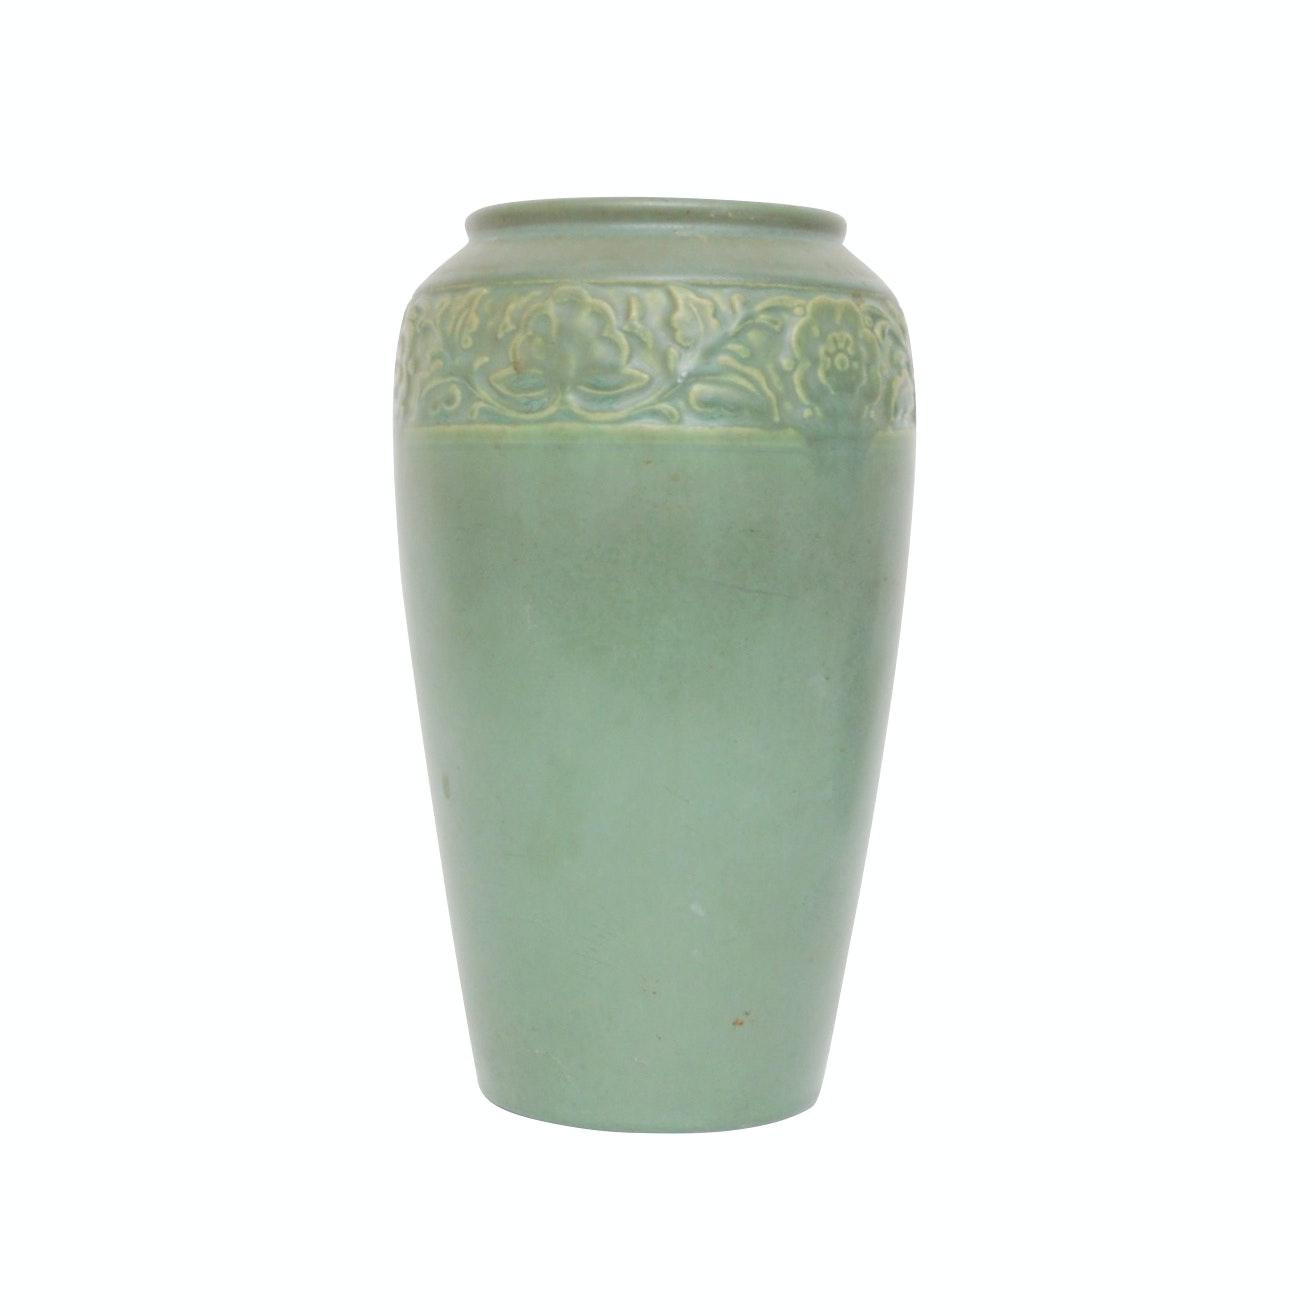 Rookwood Pottery Embossed Vase, 1928